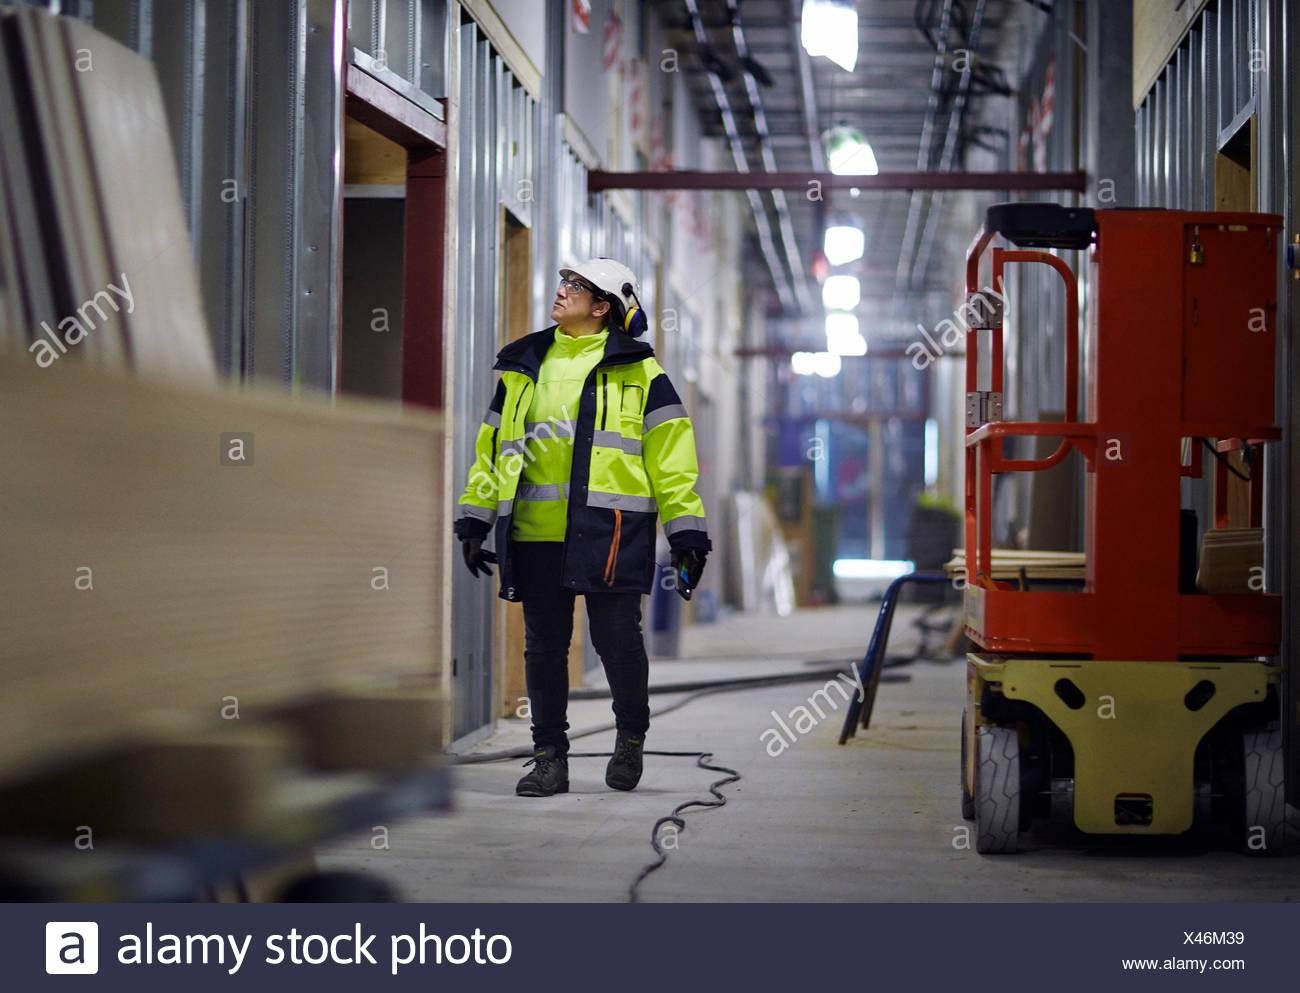 La Svezia, donna in abbigliamento protettivo a piedi Immagini Stock